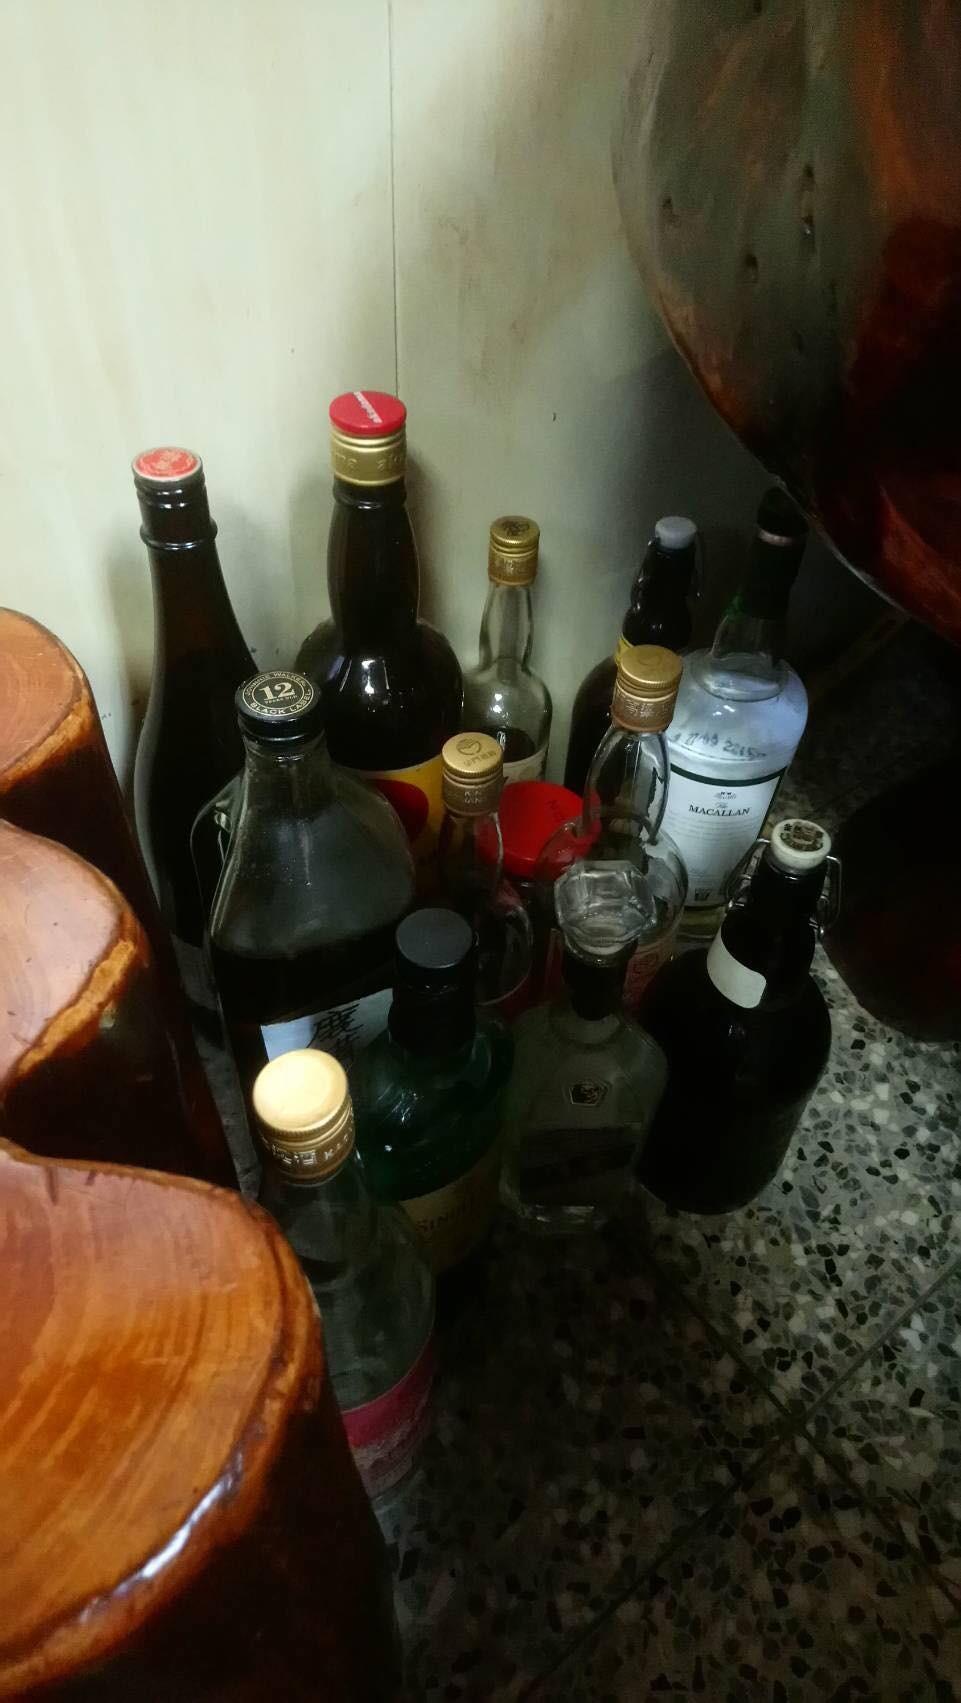 ▲▼ 失業的父親整天只會酗酒。(圖/小檸檬供稿專用)